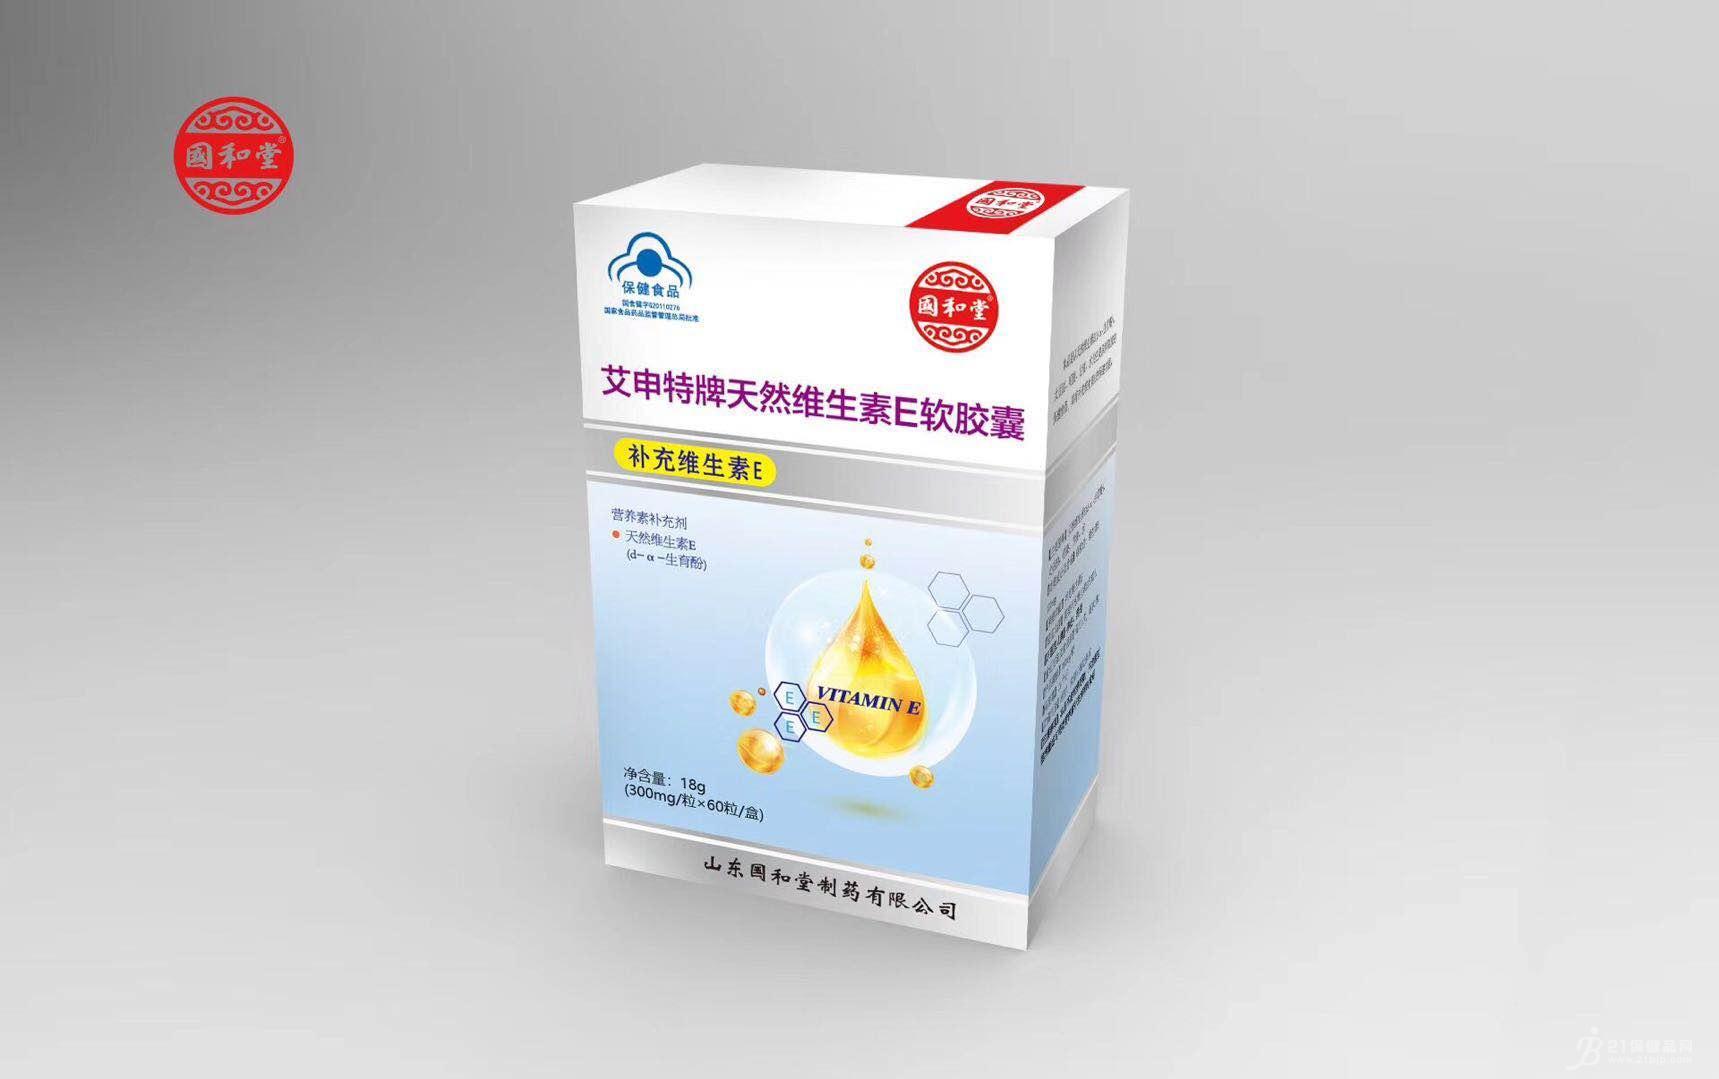 艾申特牌天然维生素e软胶囊OEM贴牌代加工